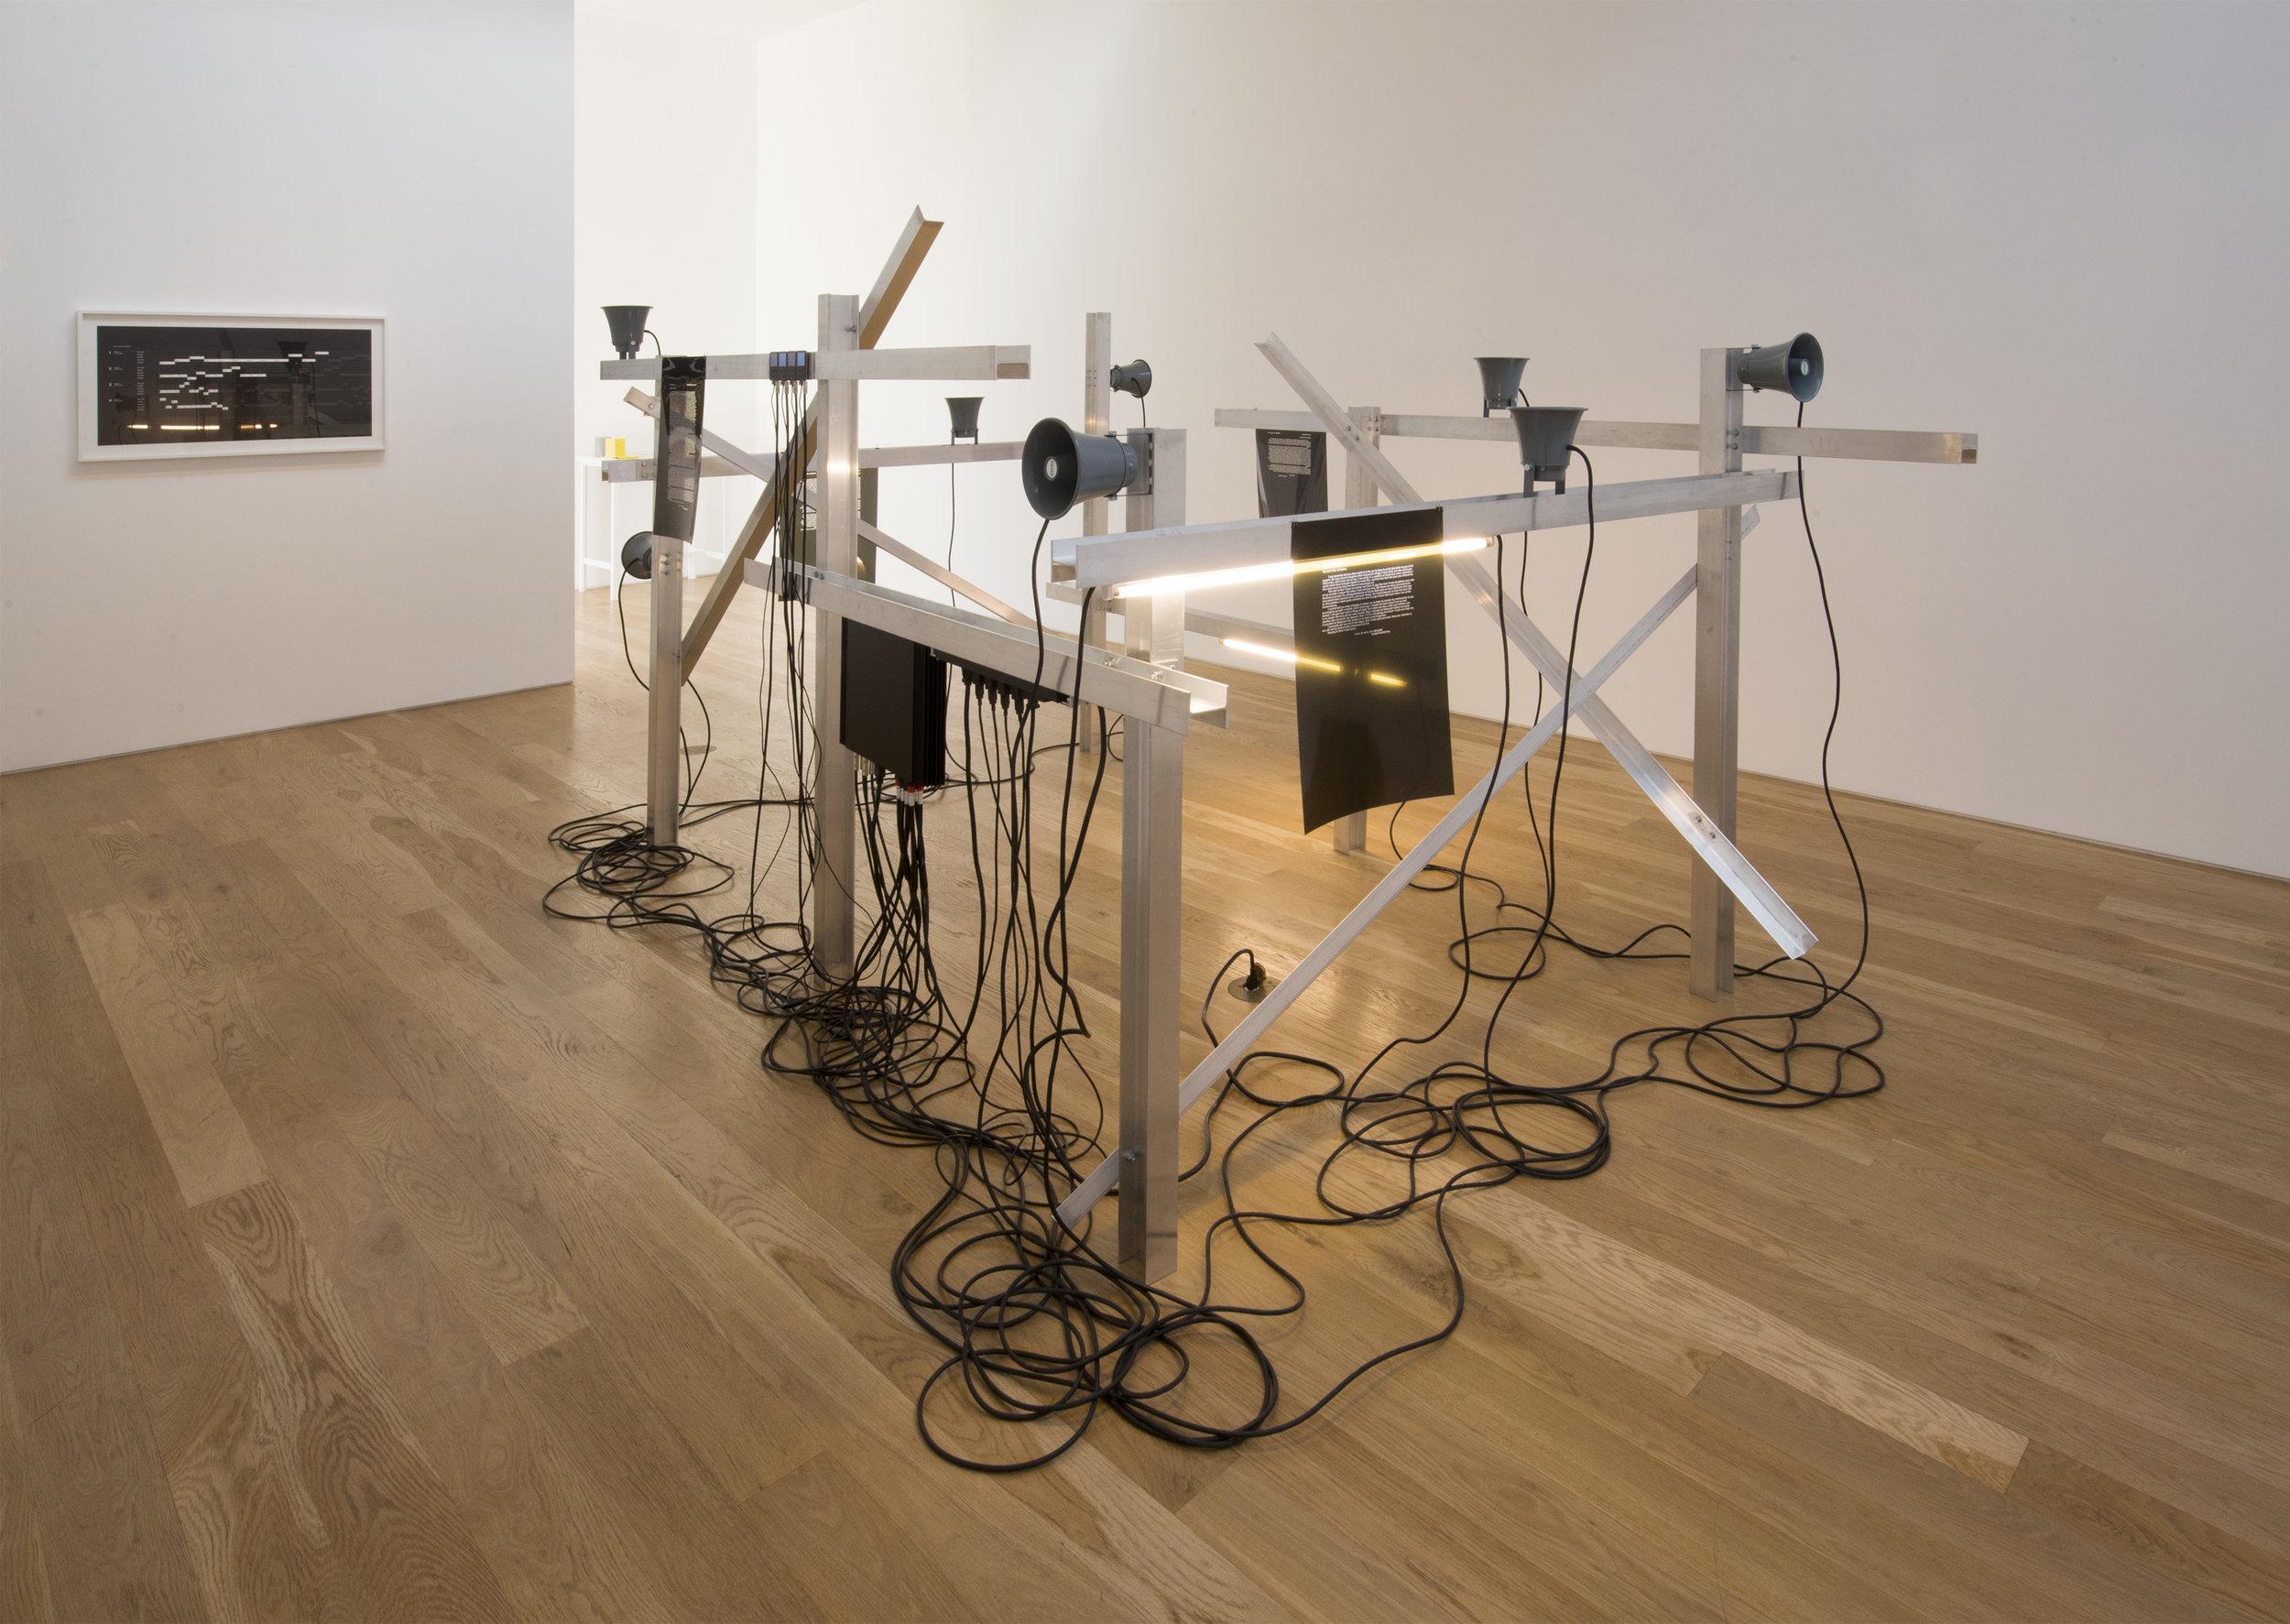 David Schafer, installation view, 2014.